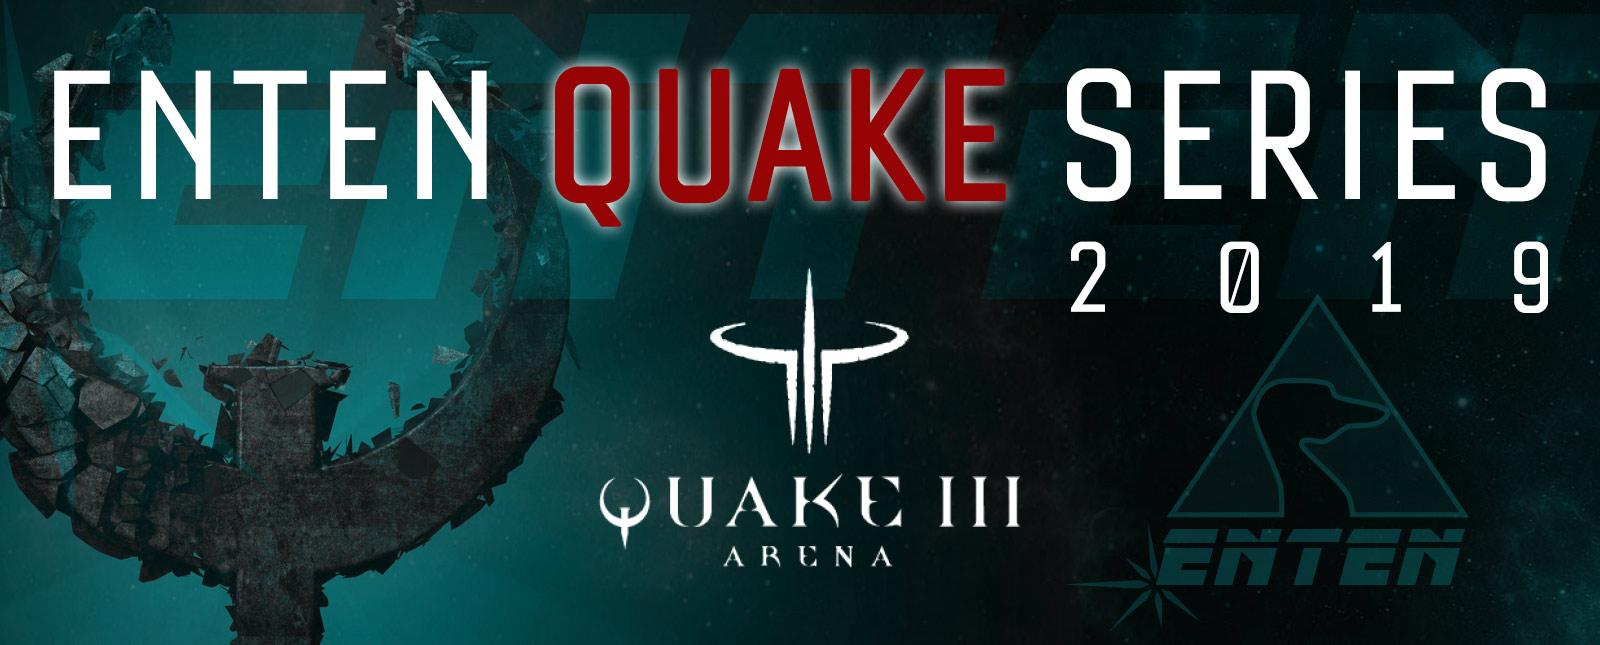 Haus Enten : Quake Series 2019